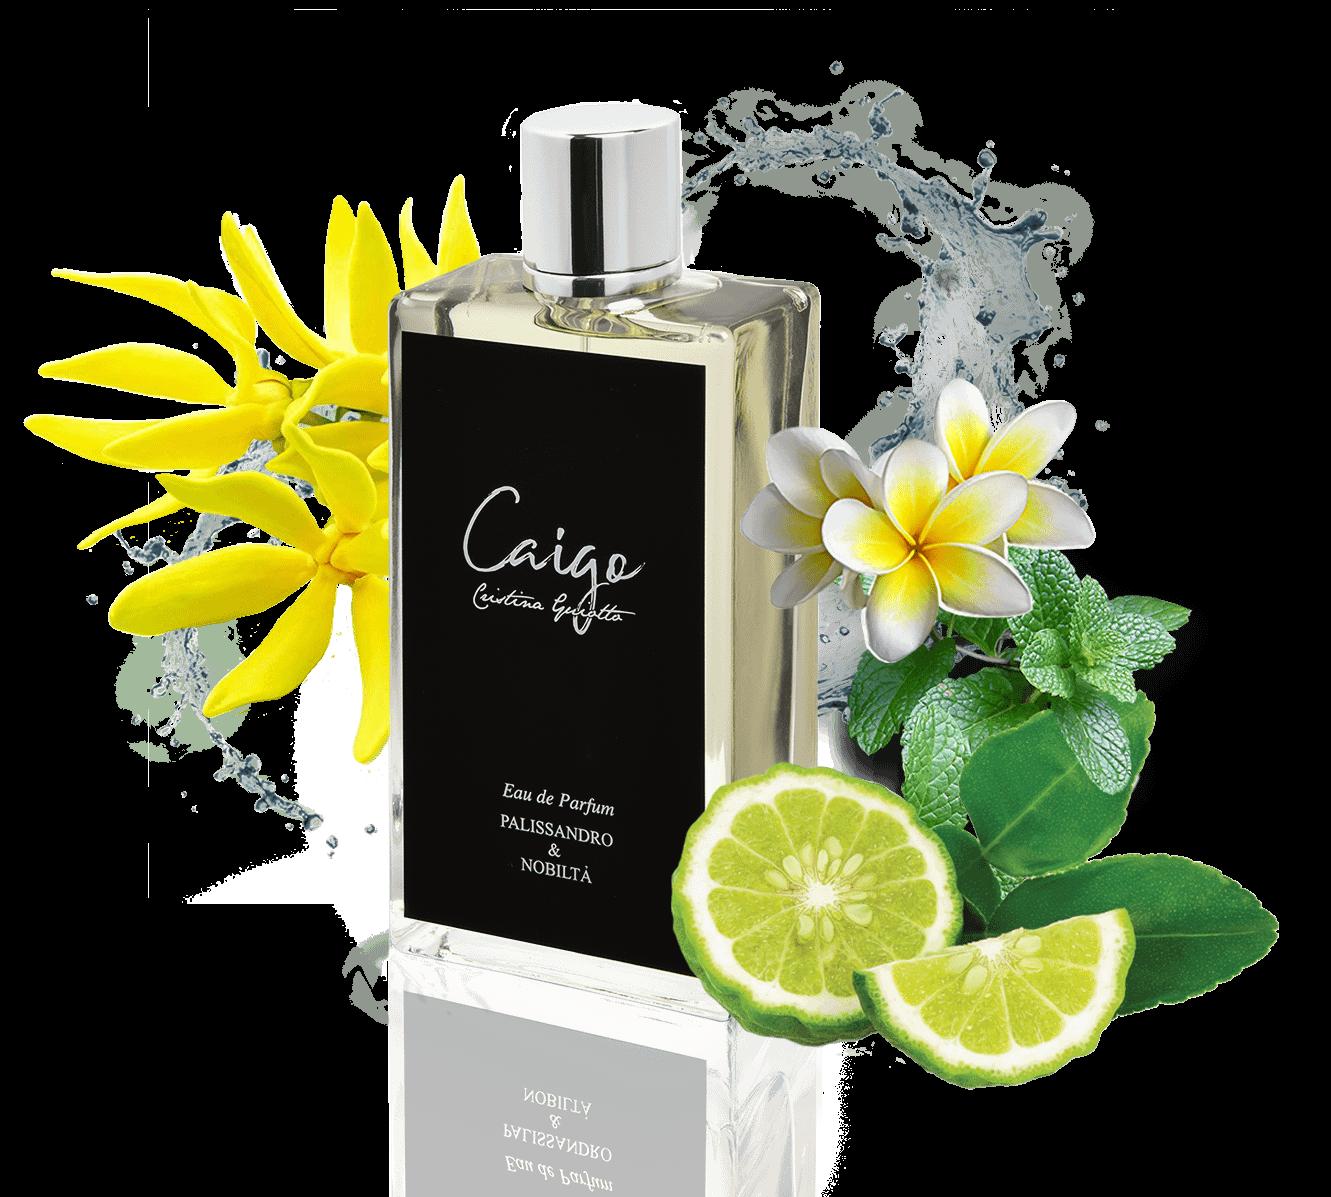 Palissandro & Nobiltà eau de parfums